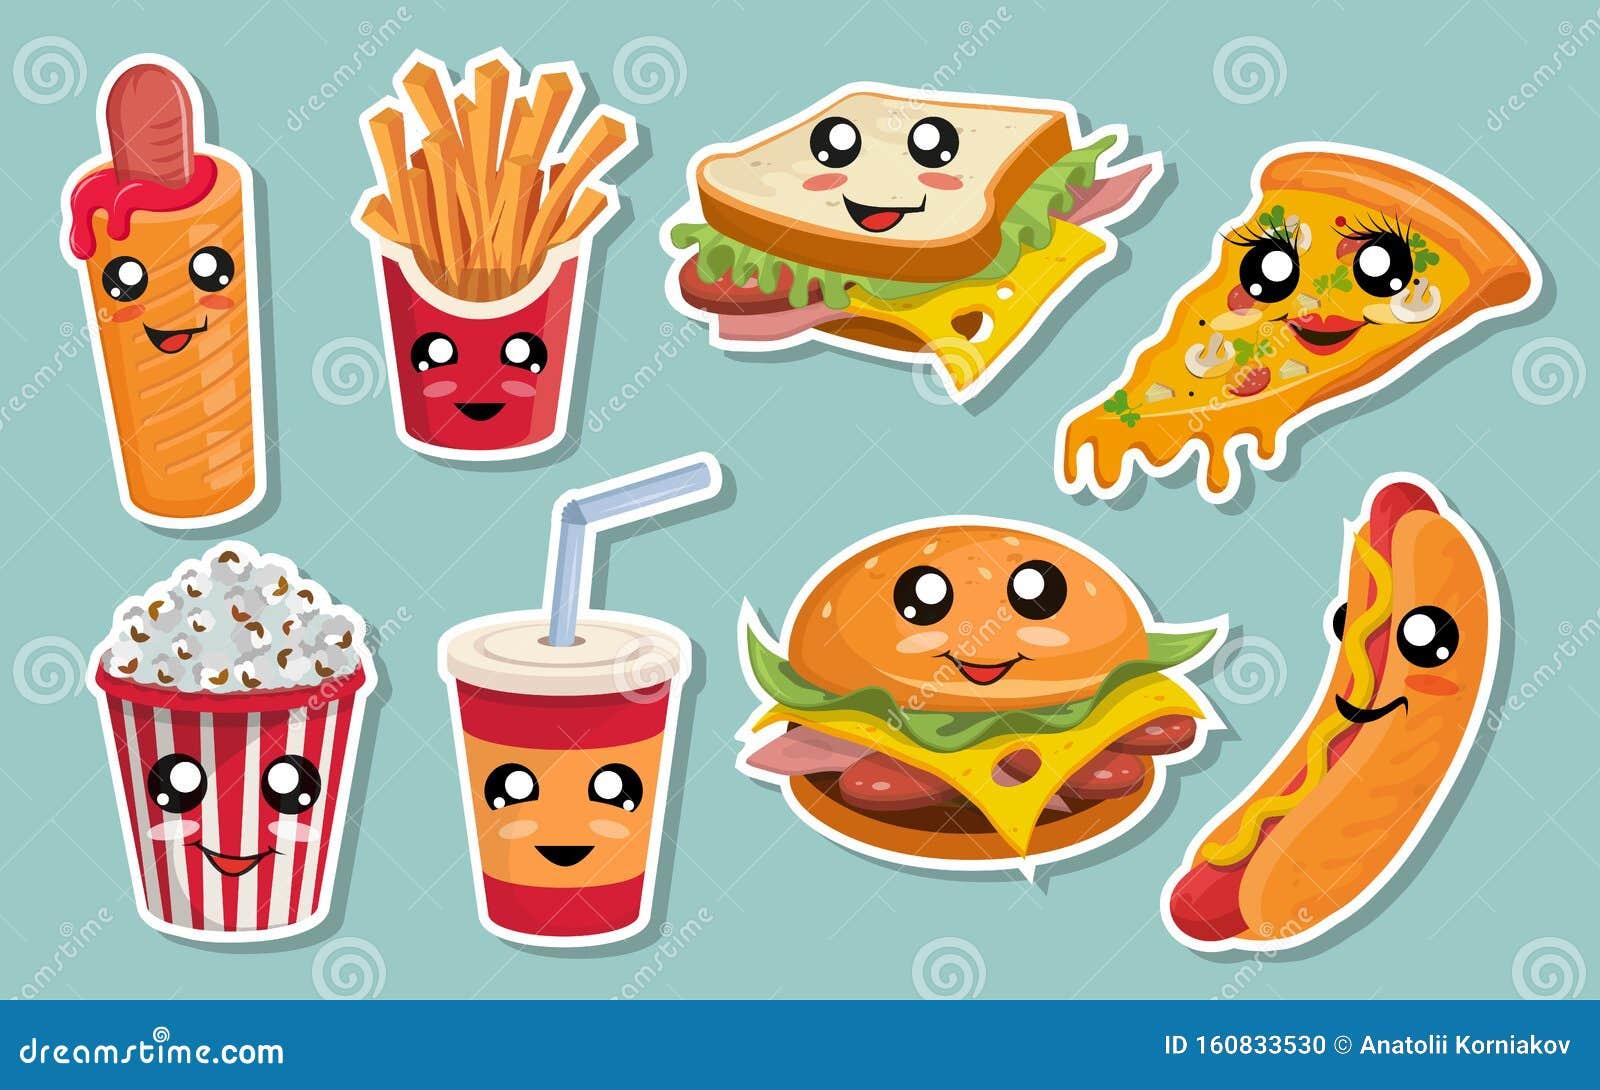 Vector Set Of Cute Kawaii Fast Food Kawaii Faces Cartoon Fast